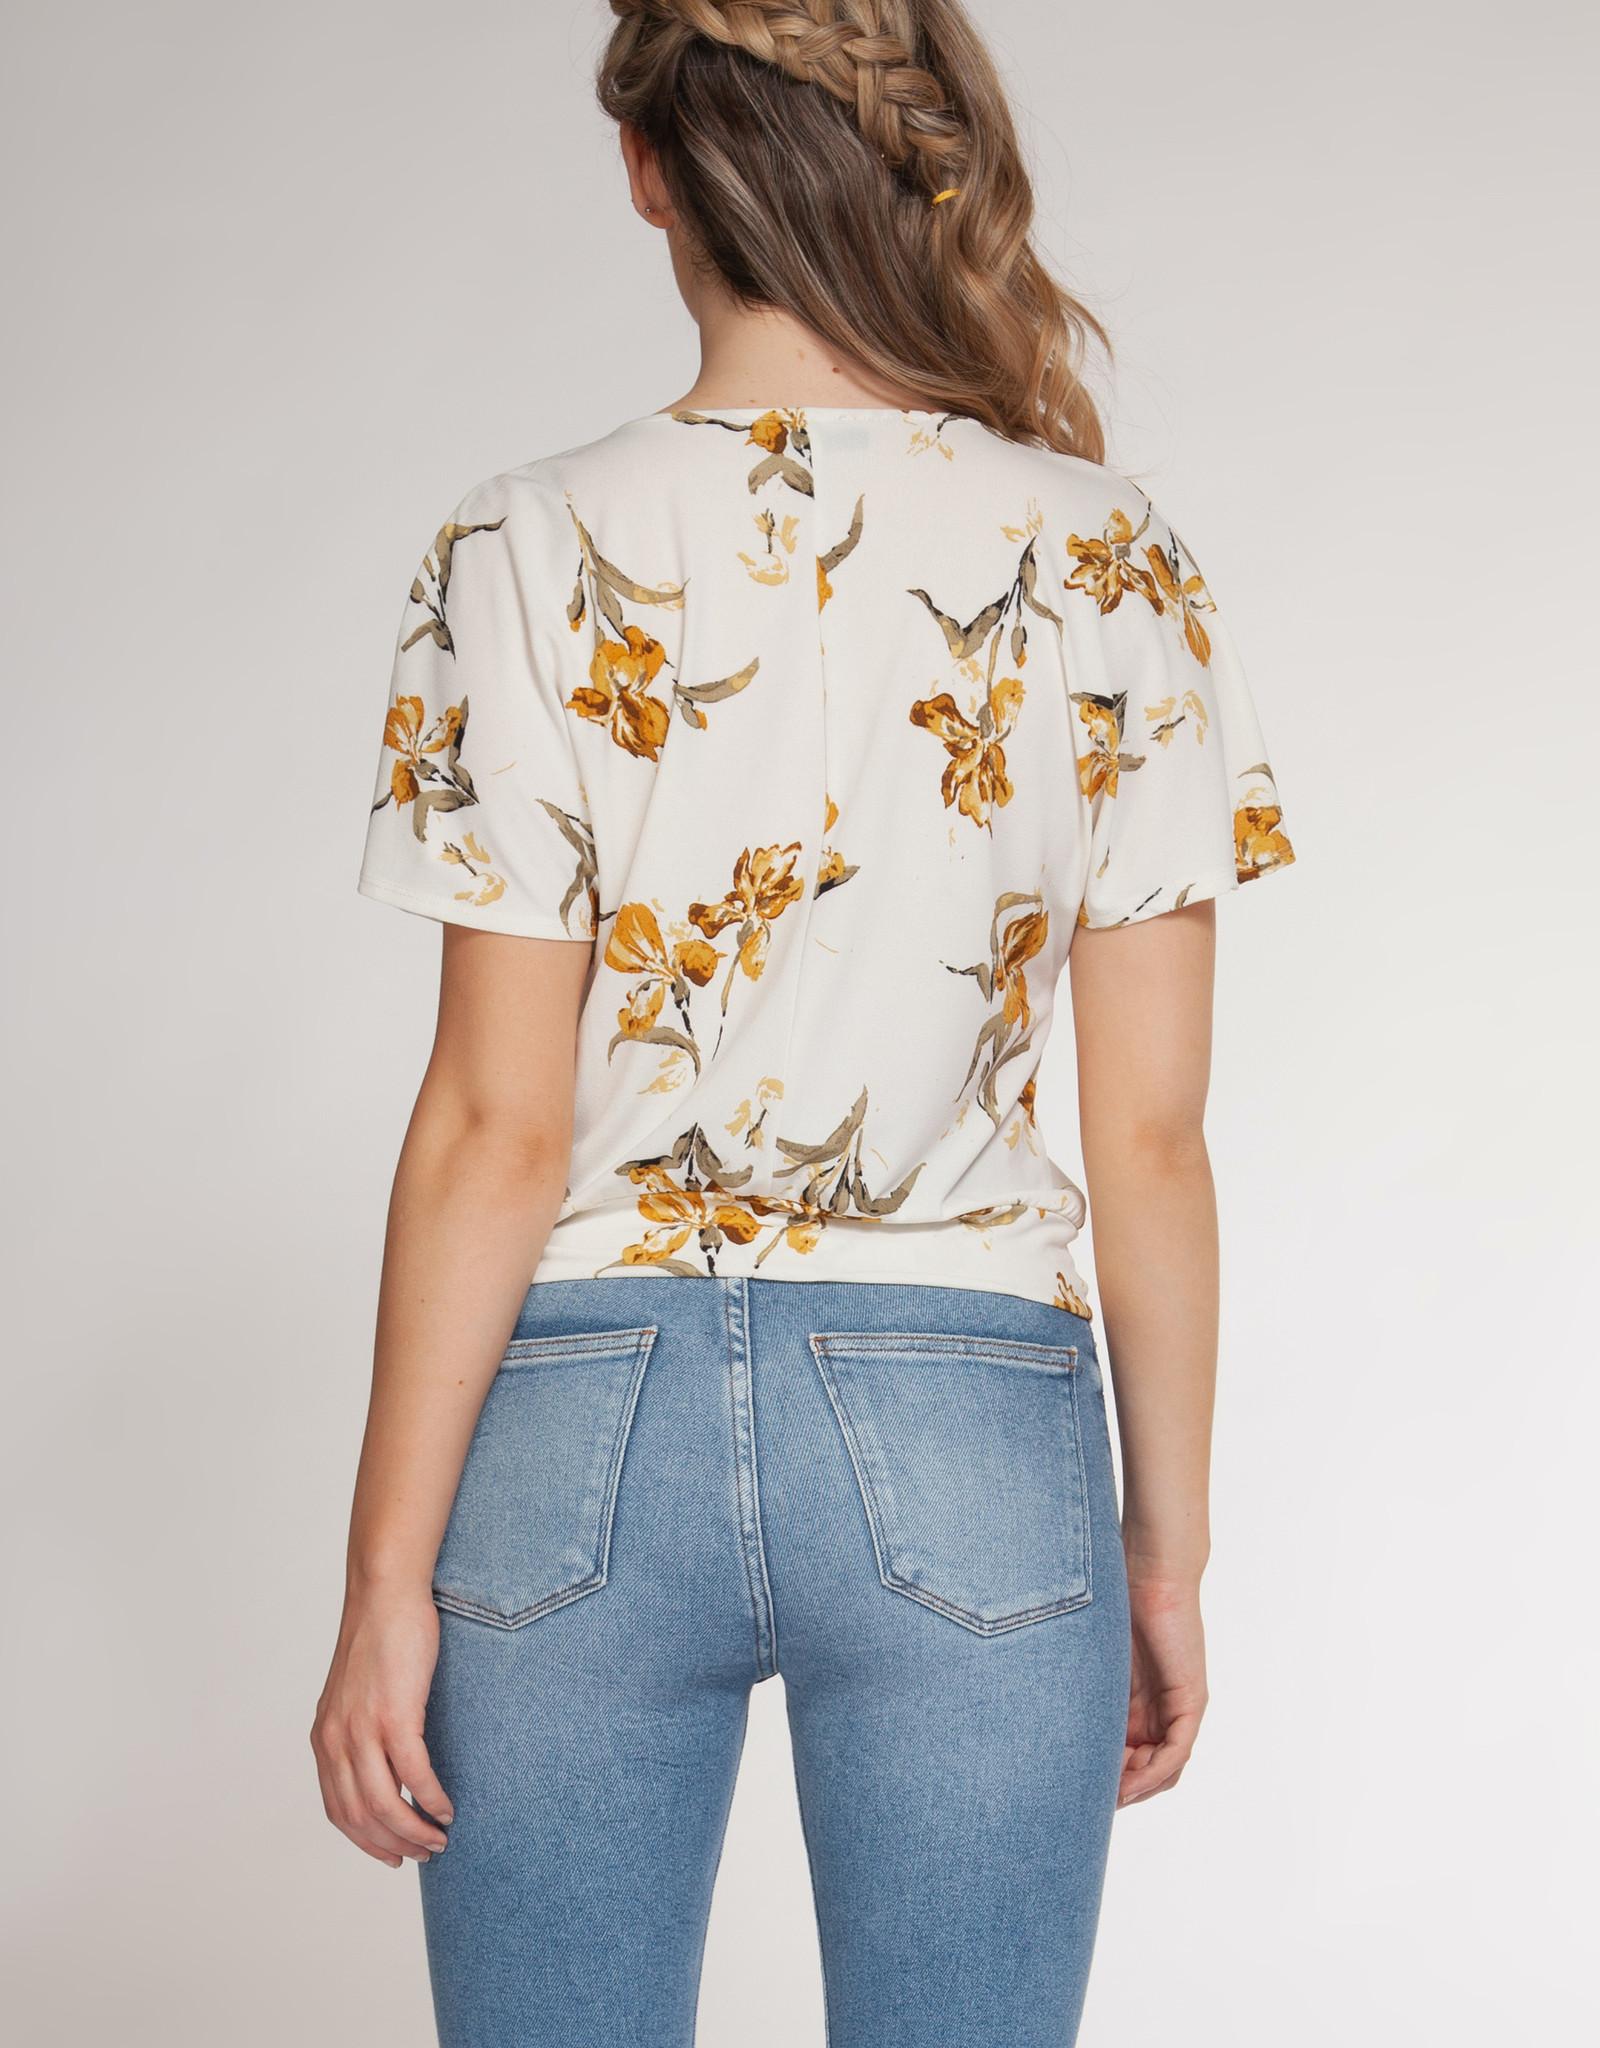 Dex V-Neck Floral Top